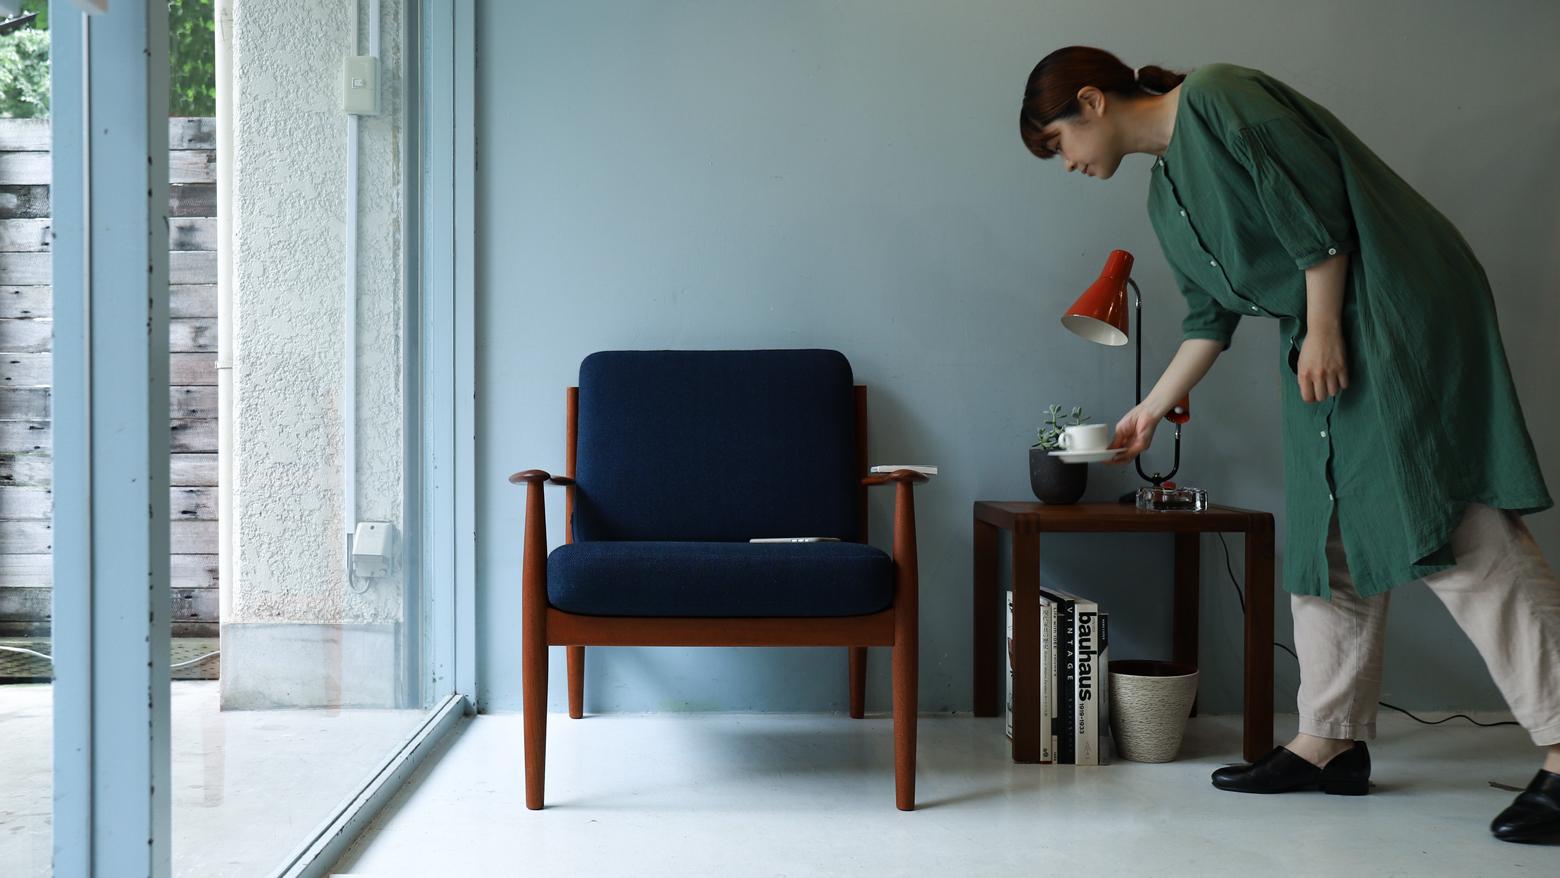 France & Søn Easy Chair Grete Jalk model 118